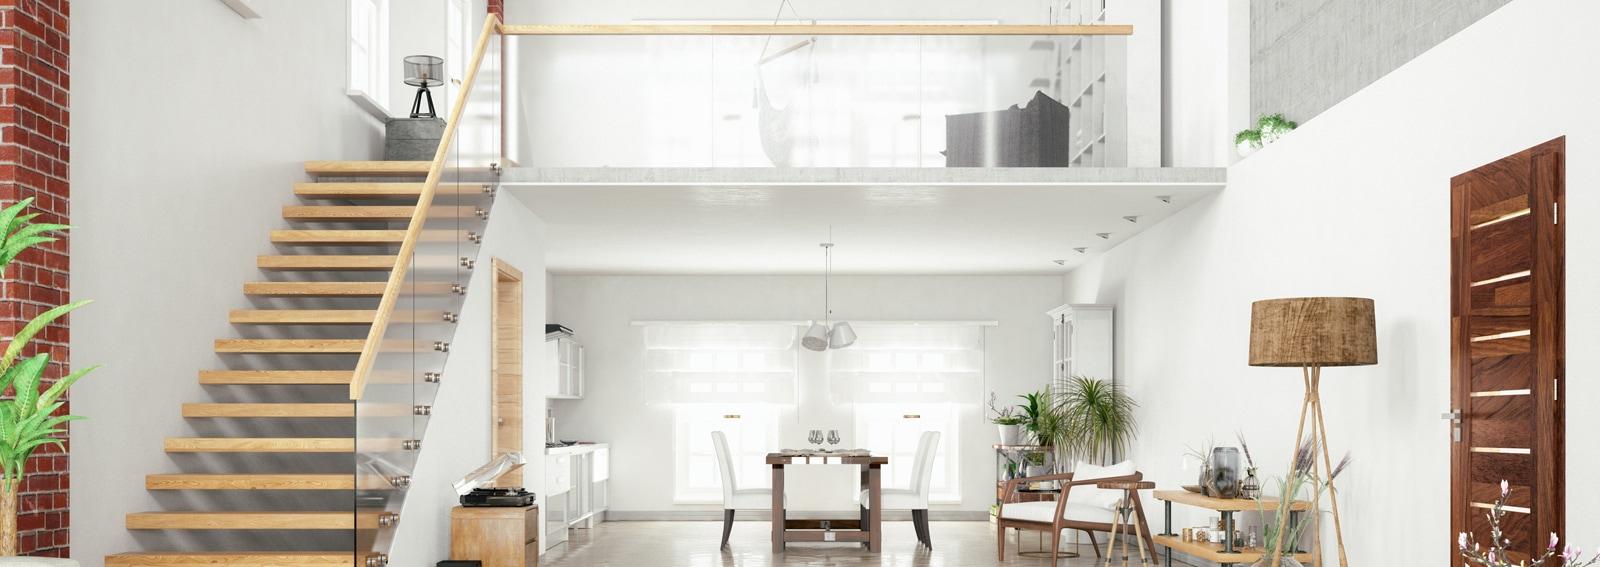 Loft Room with Mezzanine